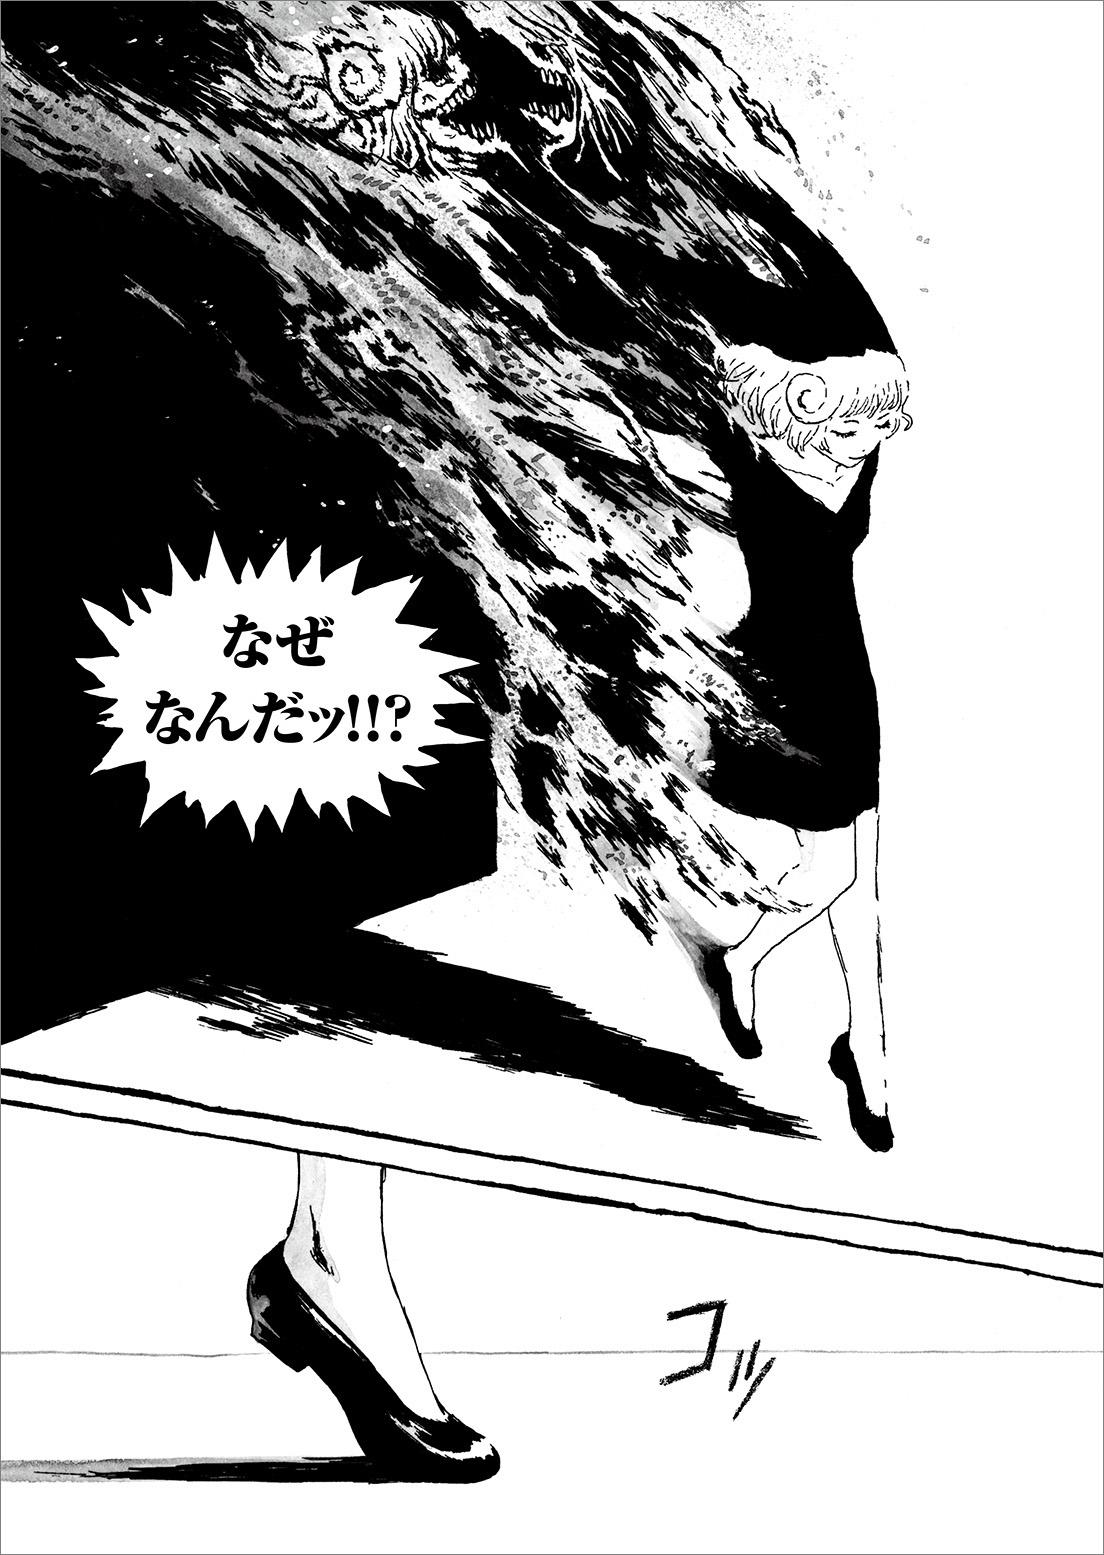 長編漫画「BIBLIOMANIA」第8話「来客」12P